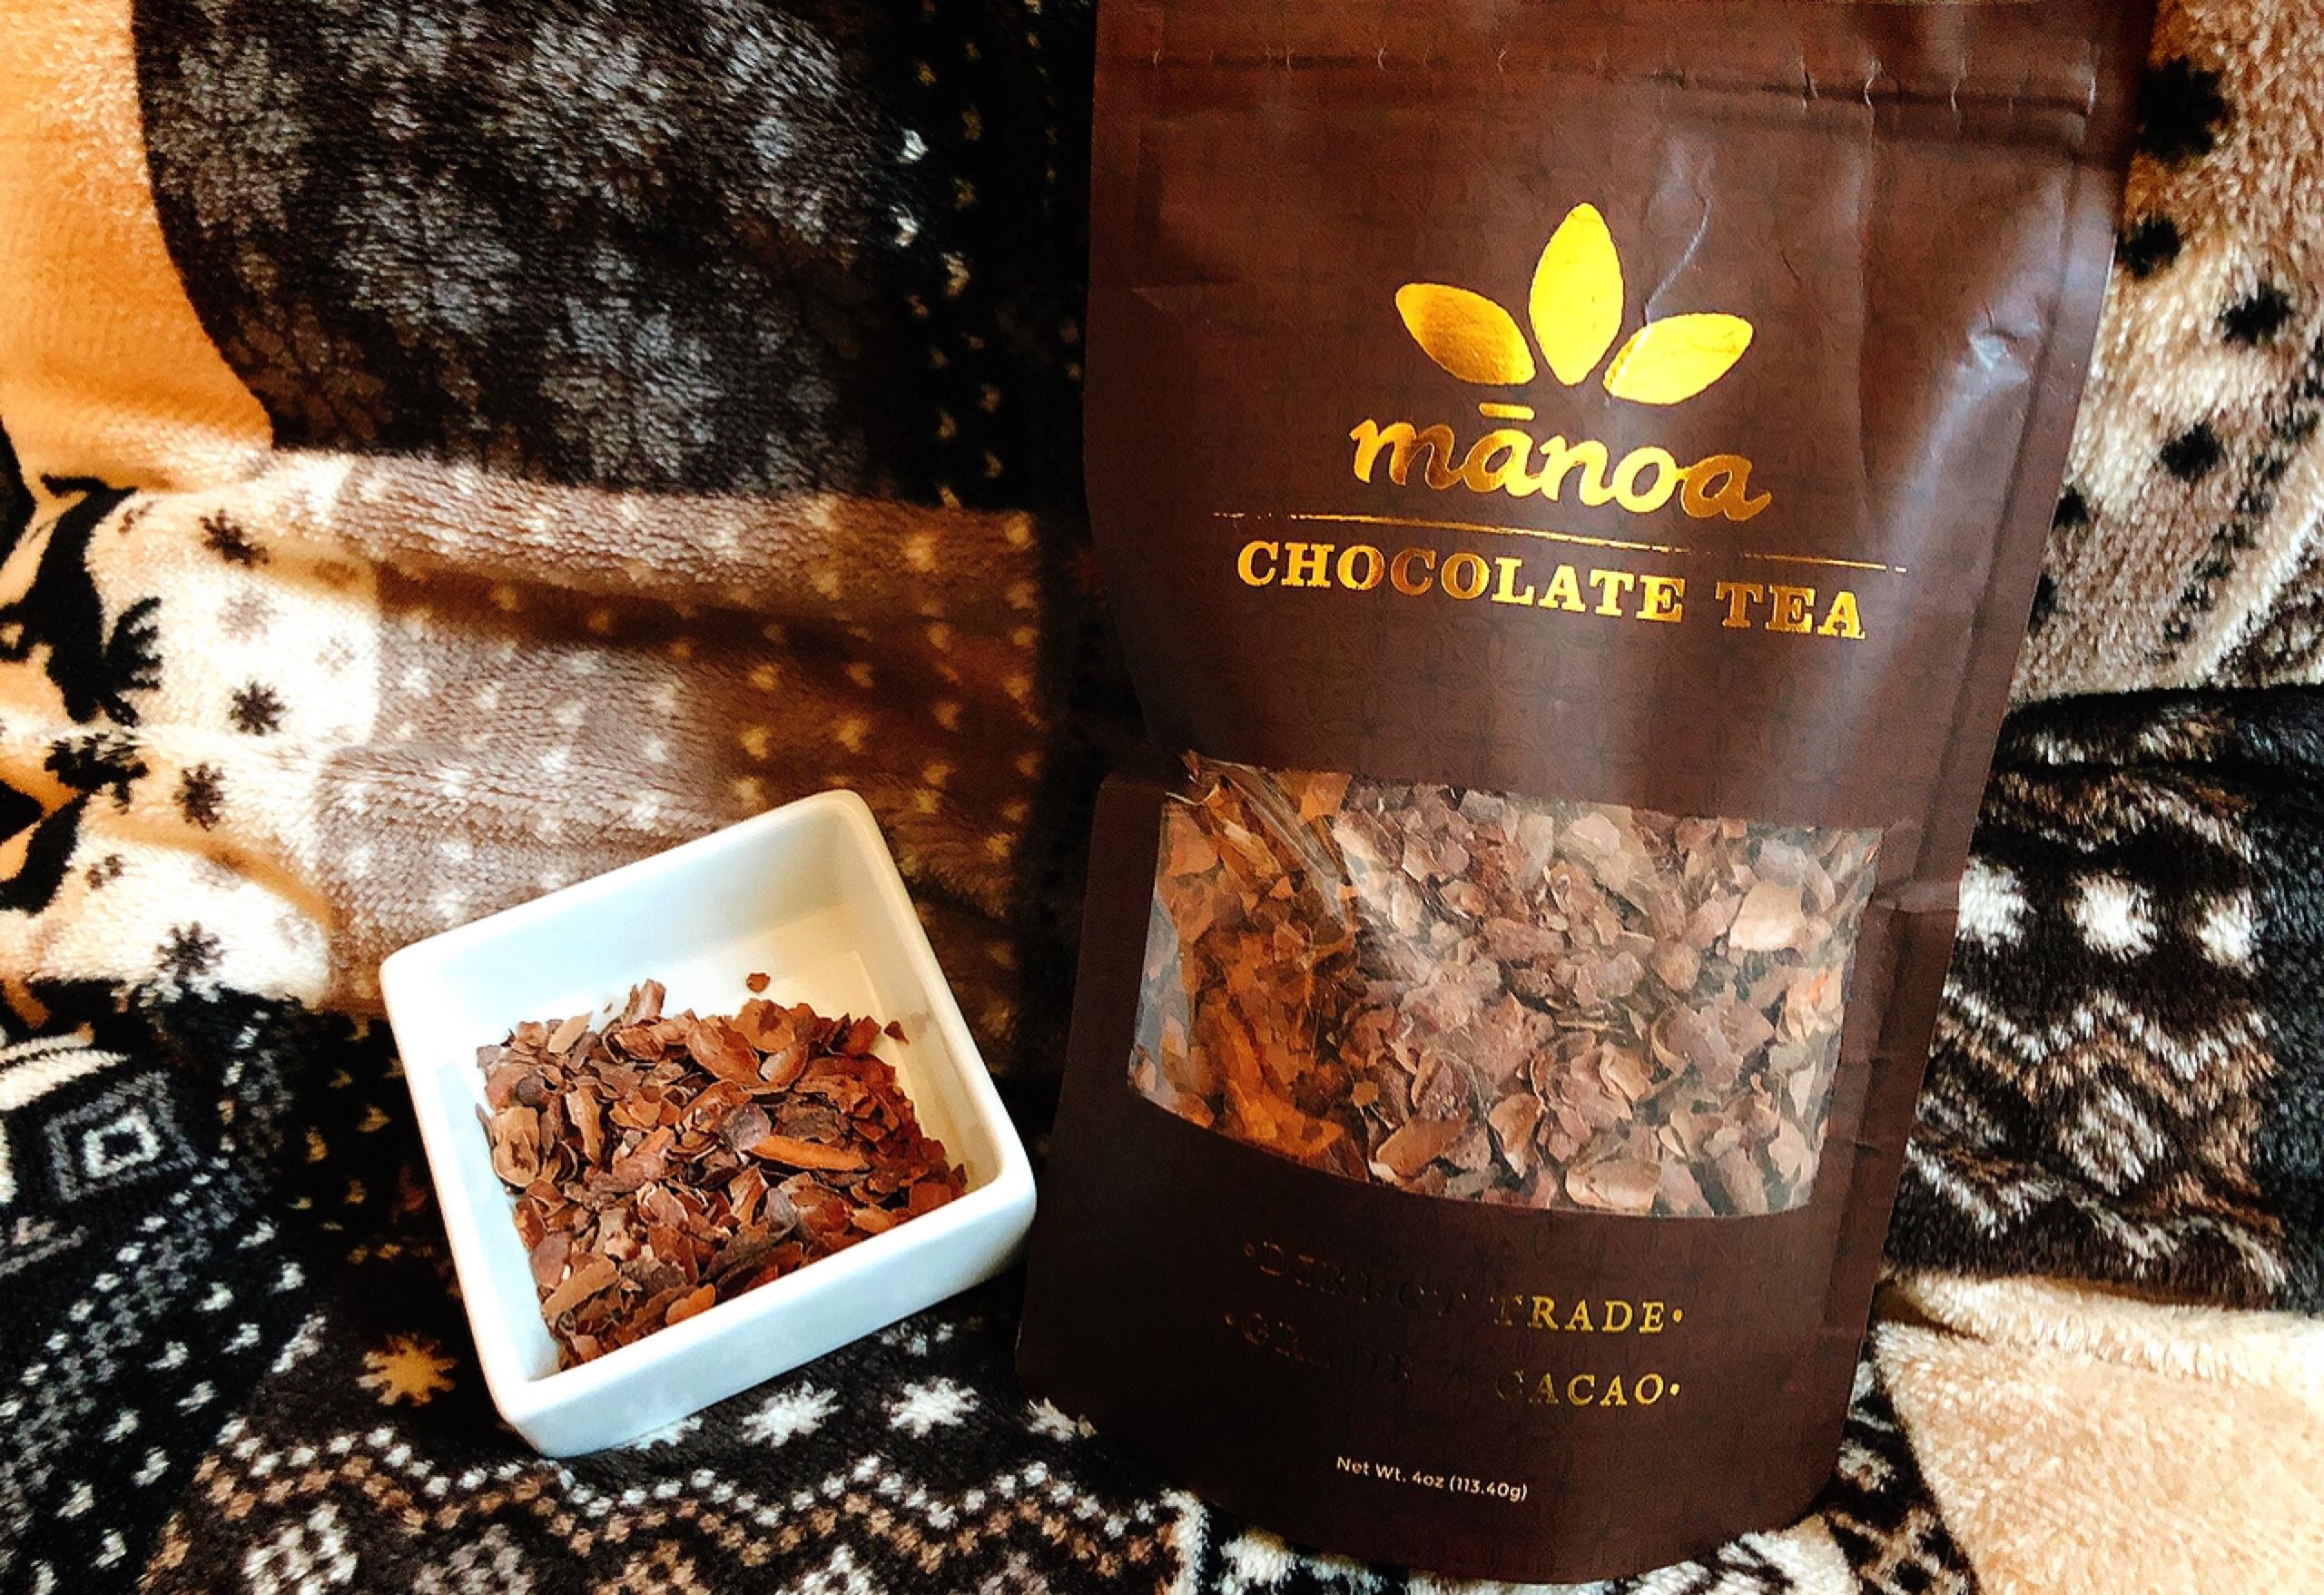 【#ハワイお取寄せ】チョコの芳醇な香りで幸せ気分♡低カフェインでリラックス効果抜群のナチュラルチョコレートティー_1